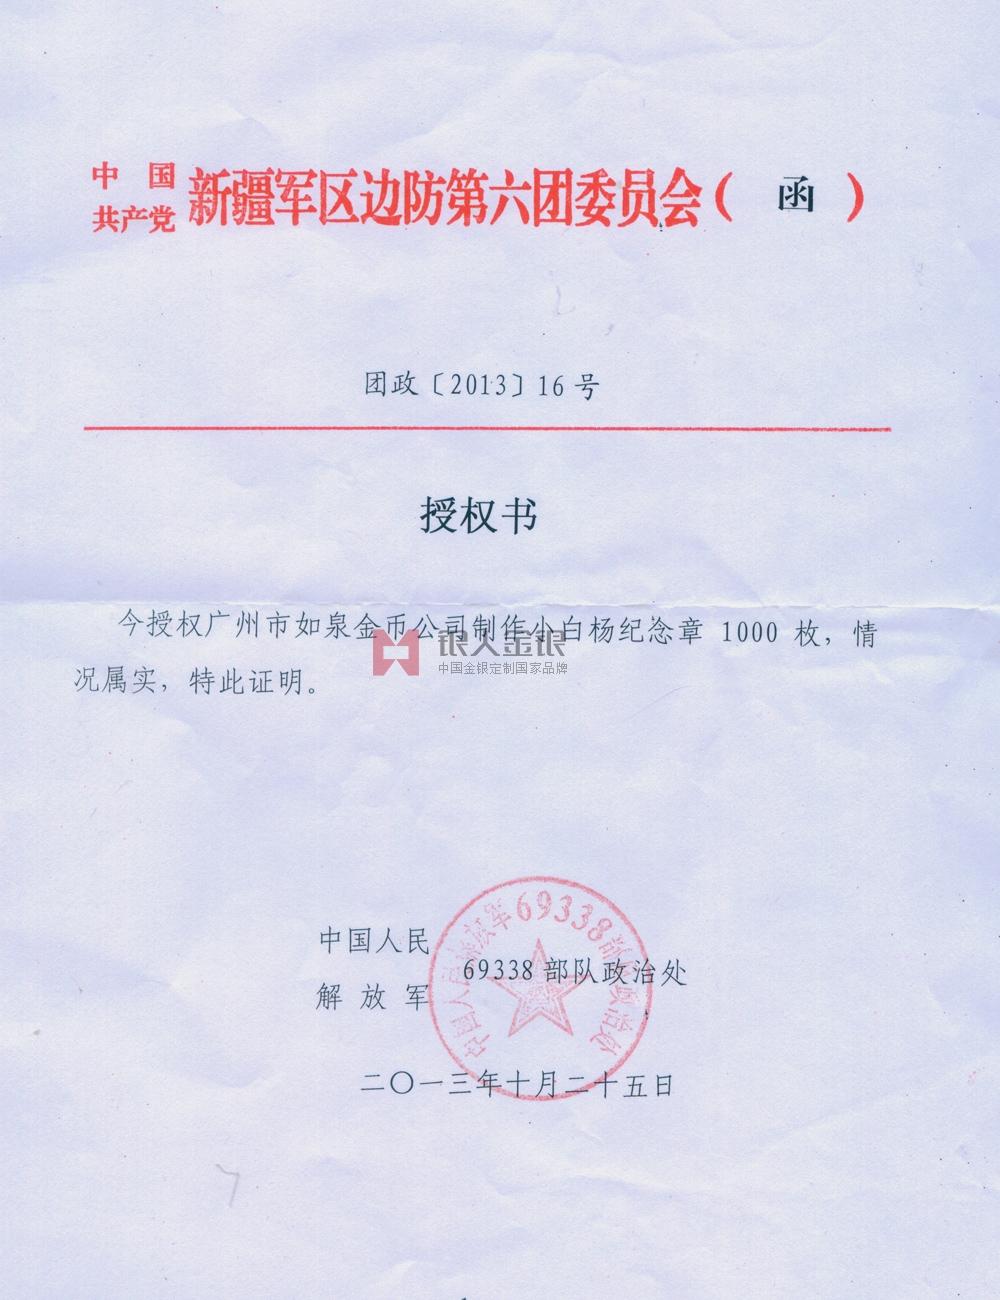 新疆军区小白杨纪念章万博体育app官方下载公函